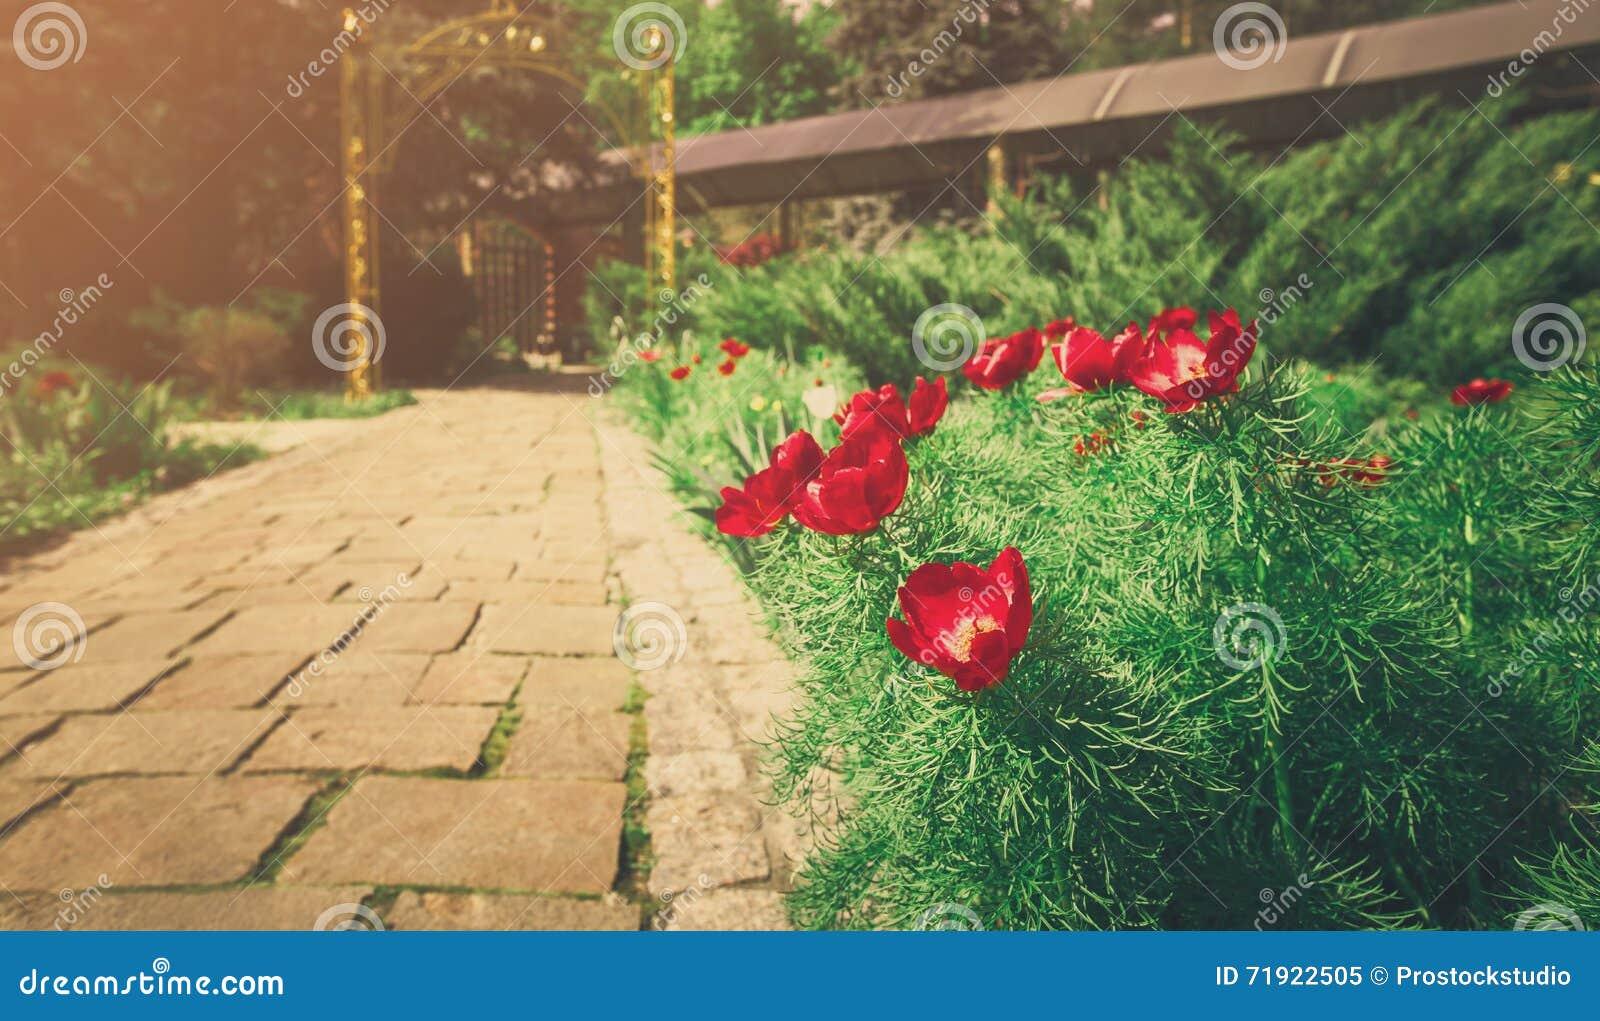 红色郁金香临近庭院道路 庭院风景设计  环境美化现代 花圃和常青树图片